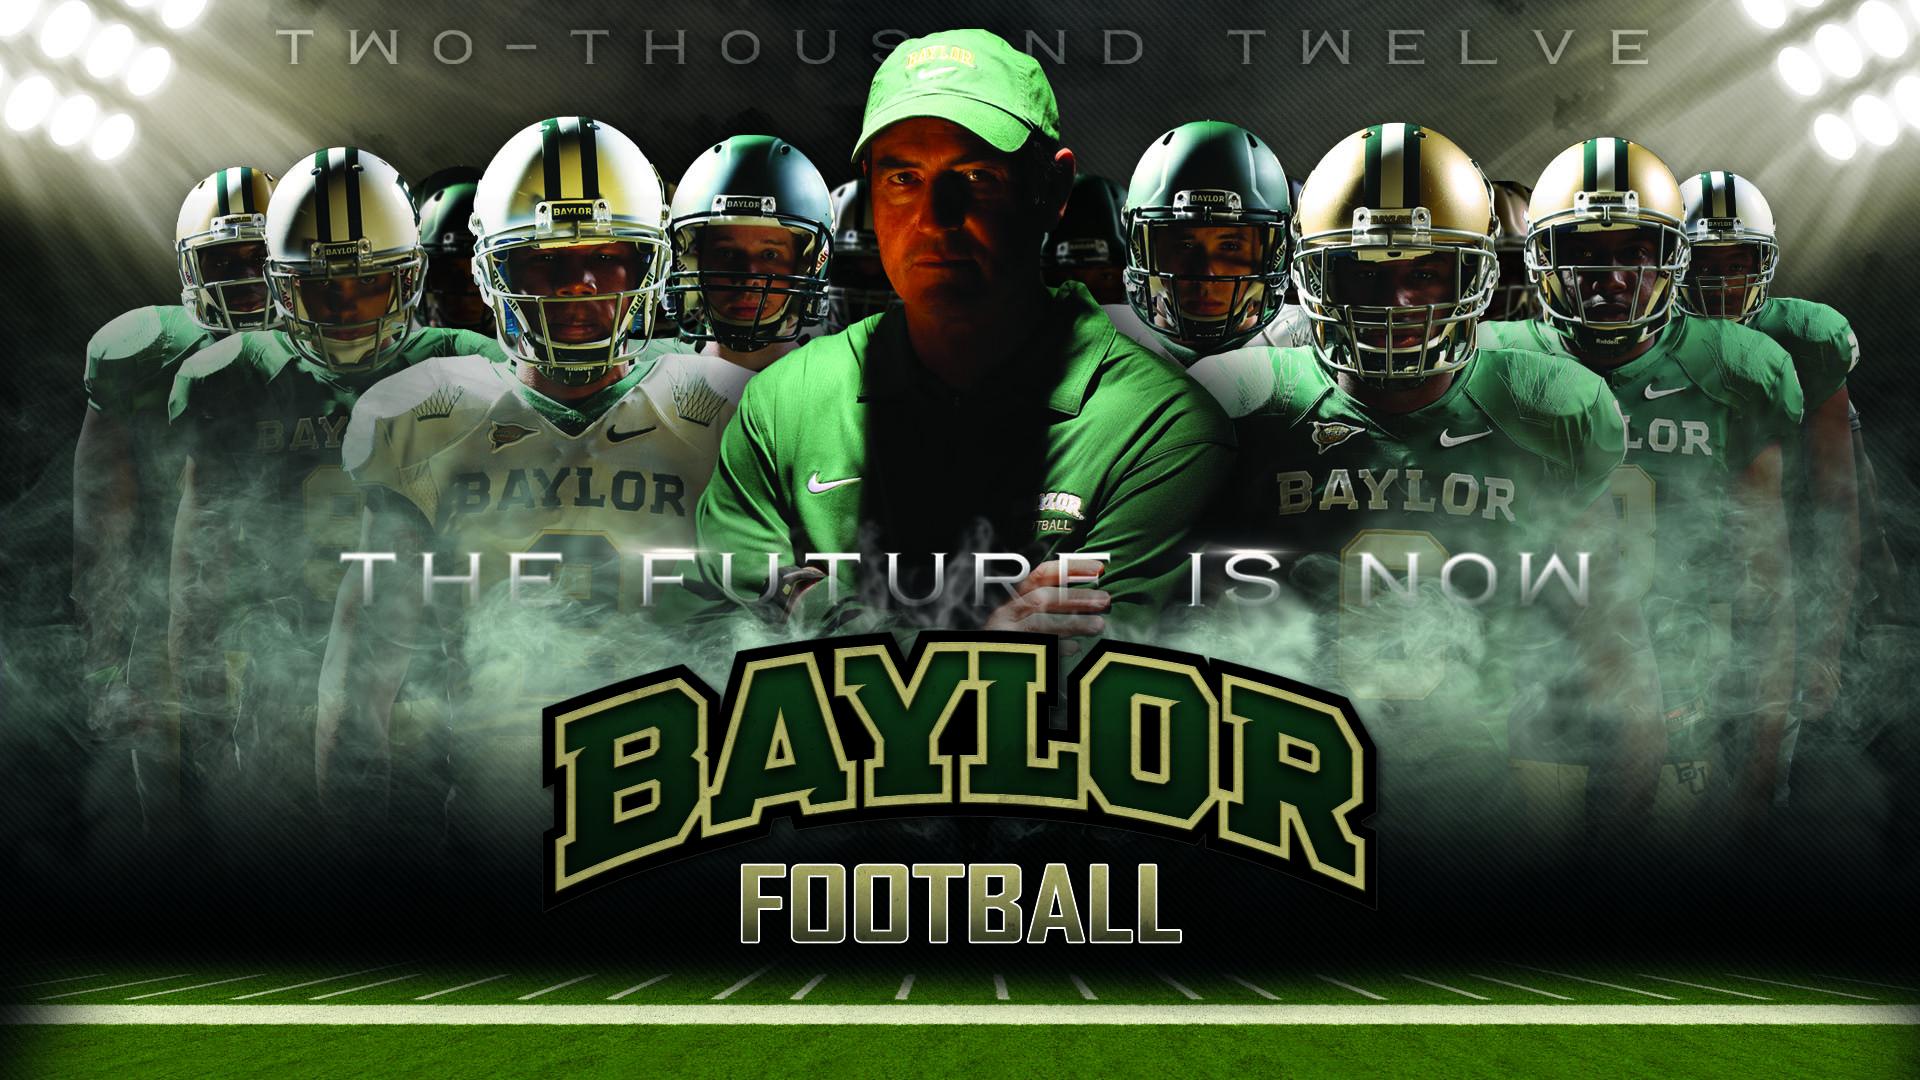 Baylor Football 1920 x 1200 1920 x 1080 1280 x 1024 1680 x 1920x1080